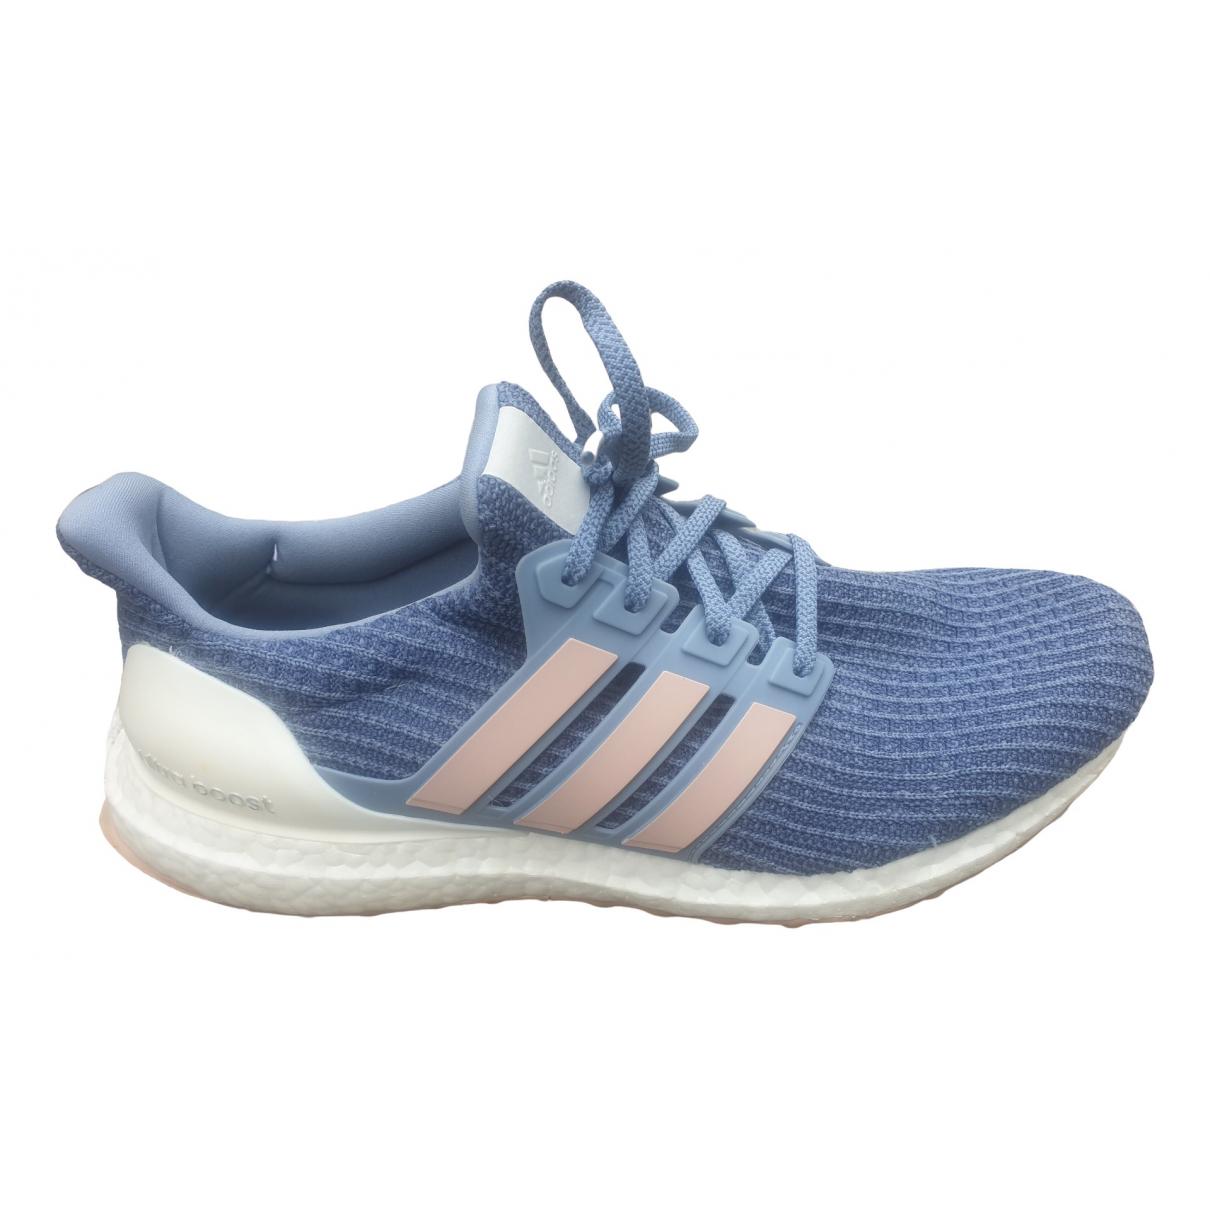 Adidas Ultraboost Sneakers in  Blau Leinen